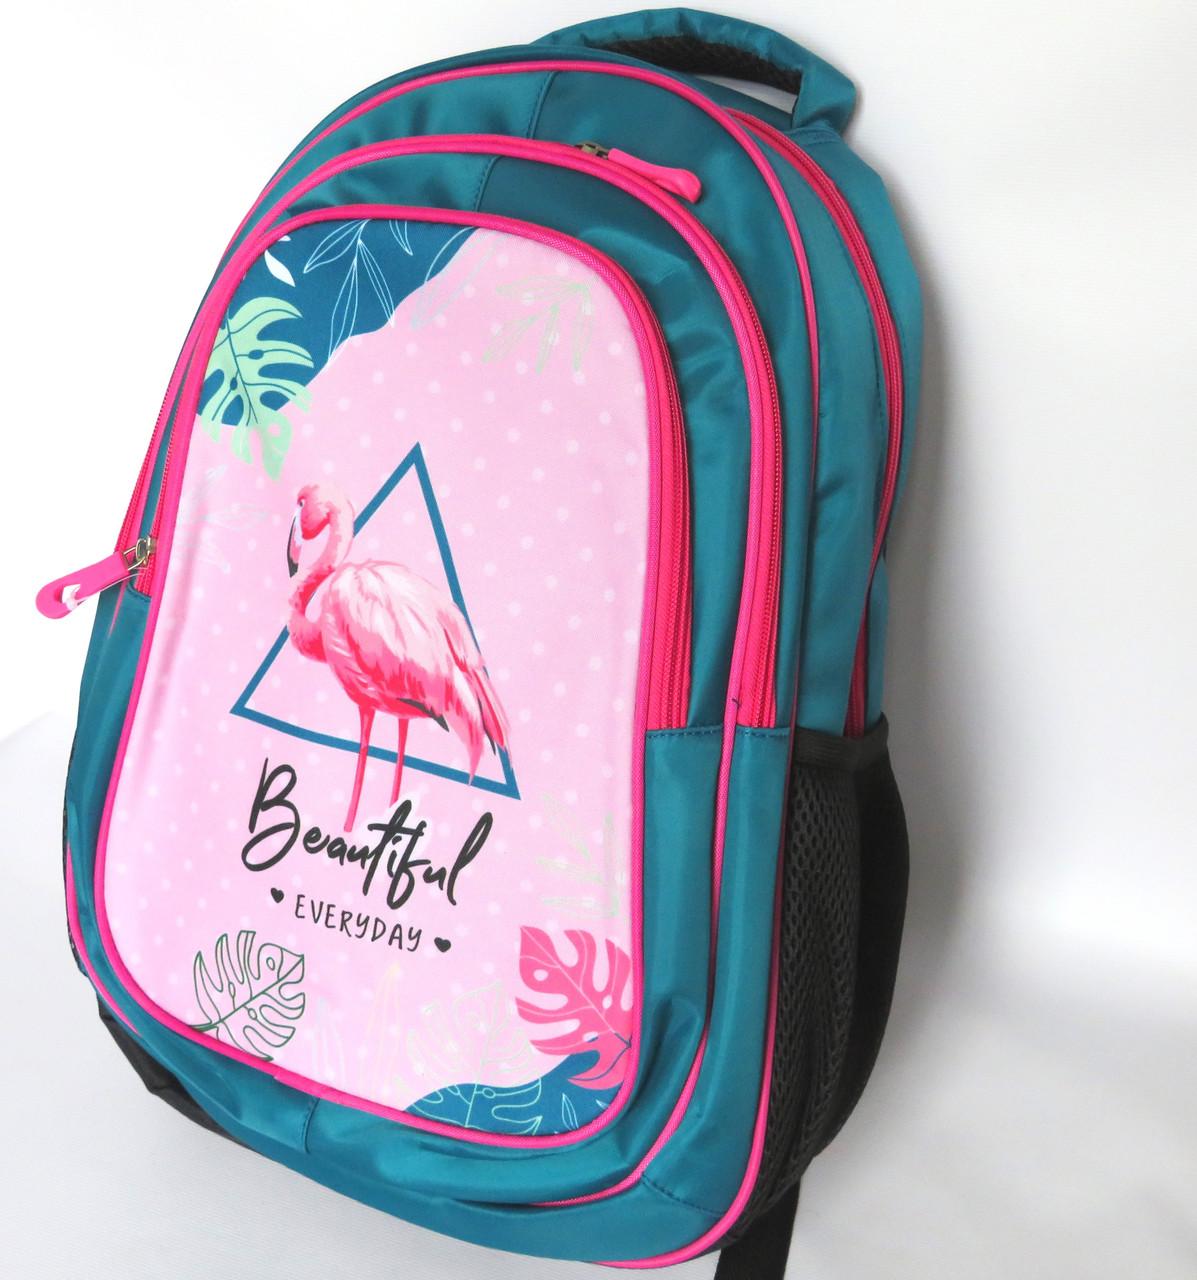 Шкільний рюкзак для дівчинки розмір М, зелено-рожевий, Фламінго